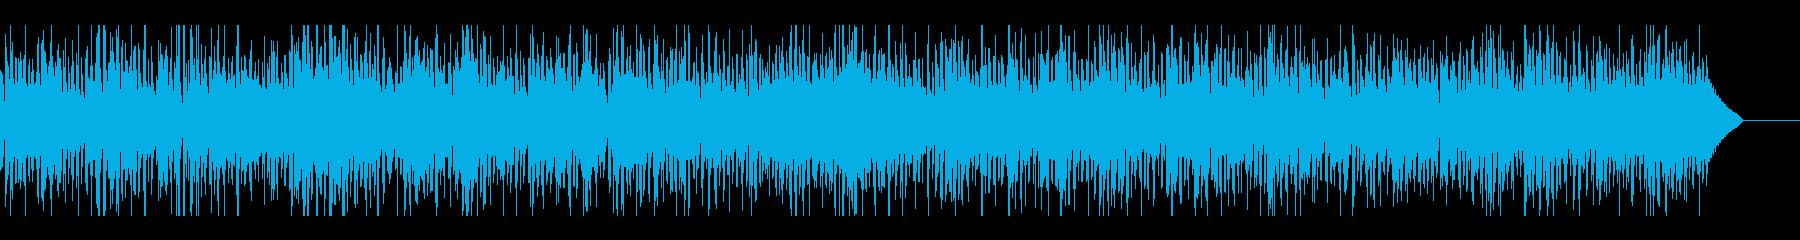 ジャズファンク生演奏エレピと都会的ビートの再生済みの波形